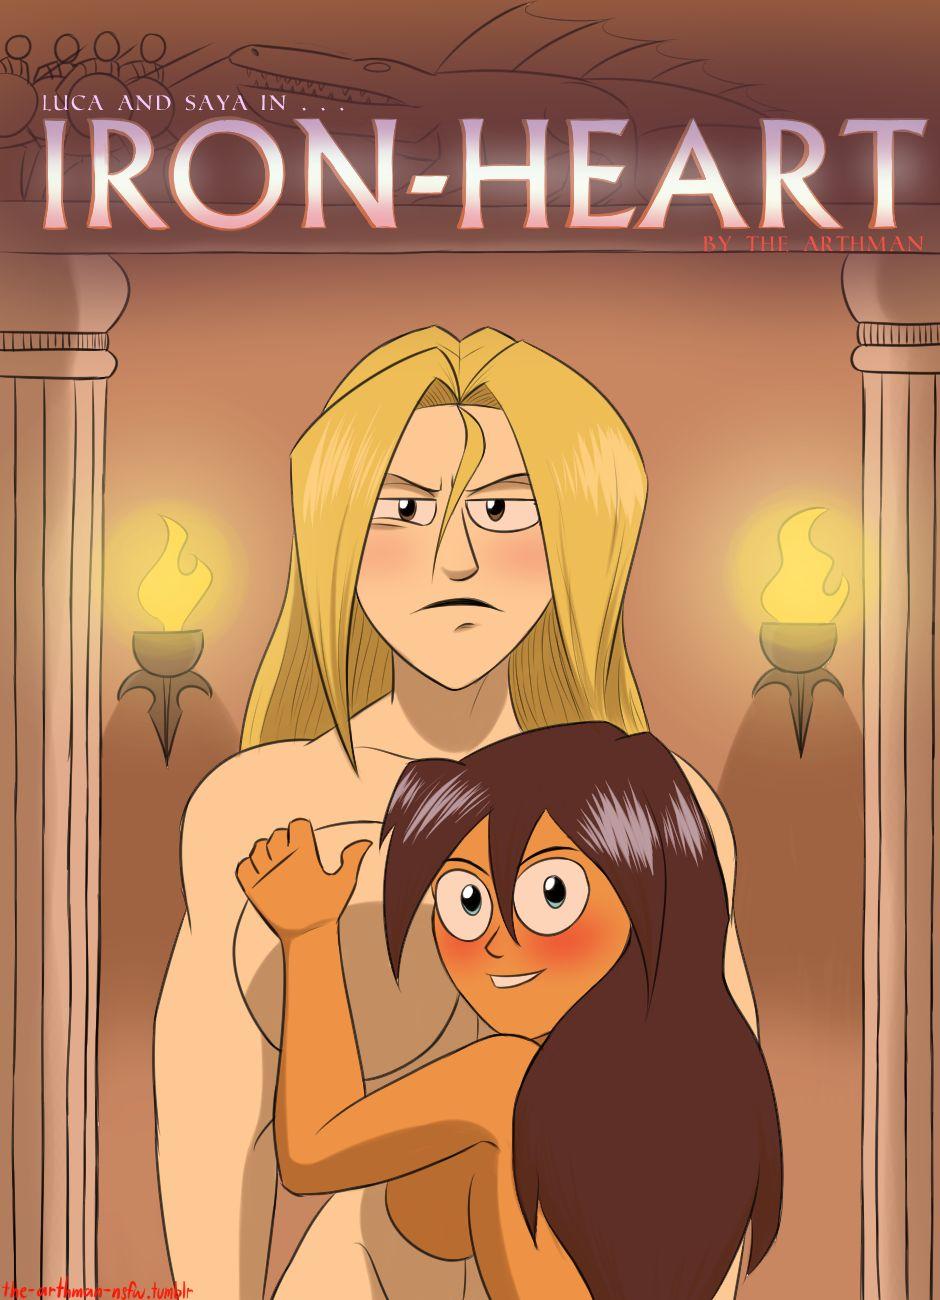 Iron-Heart [The Arthman] image 1